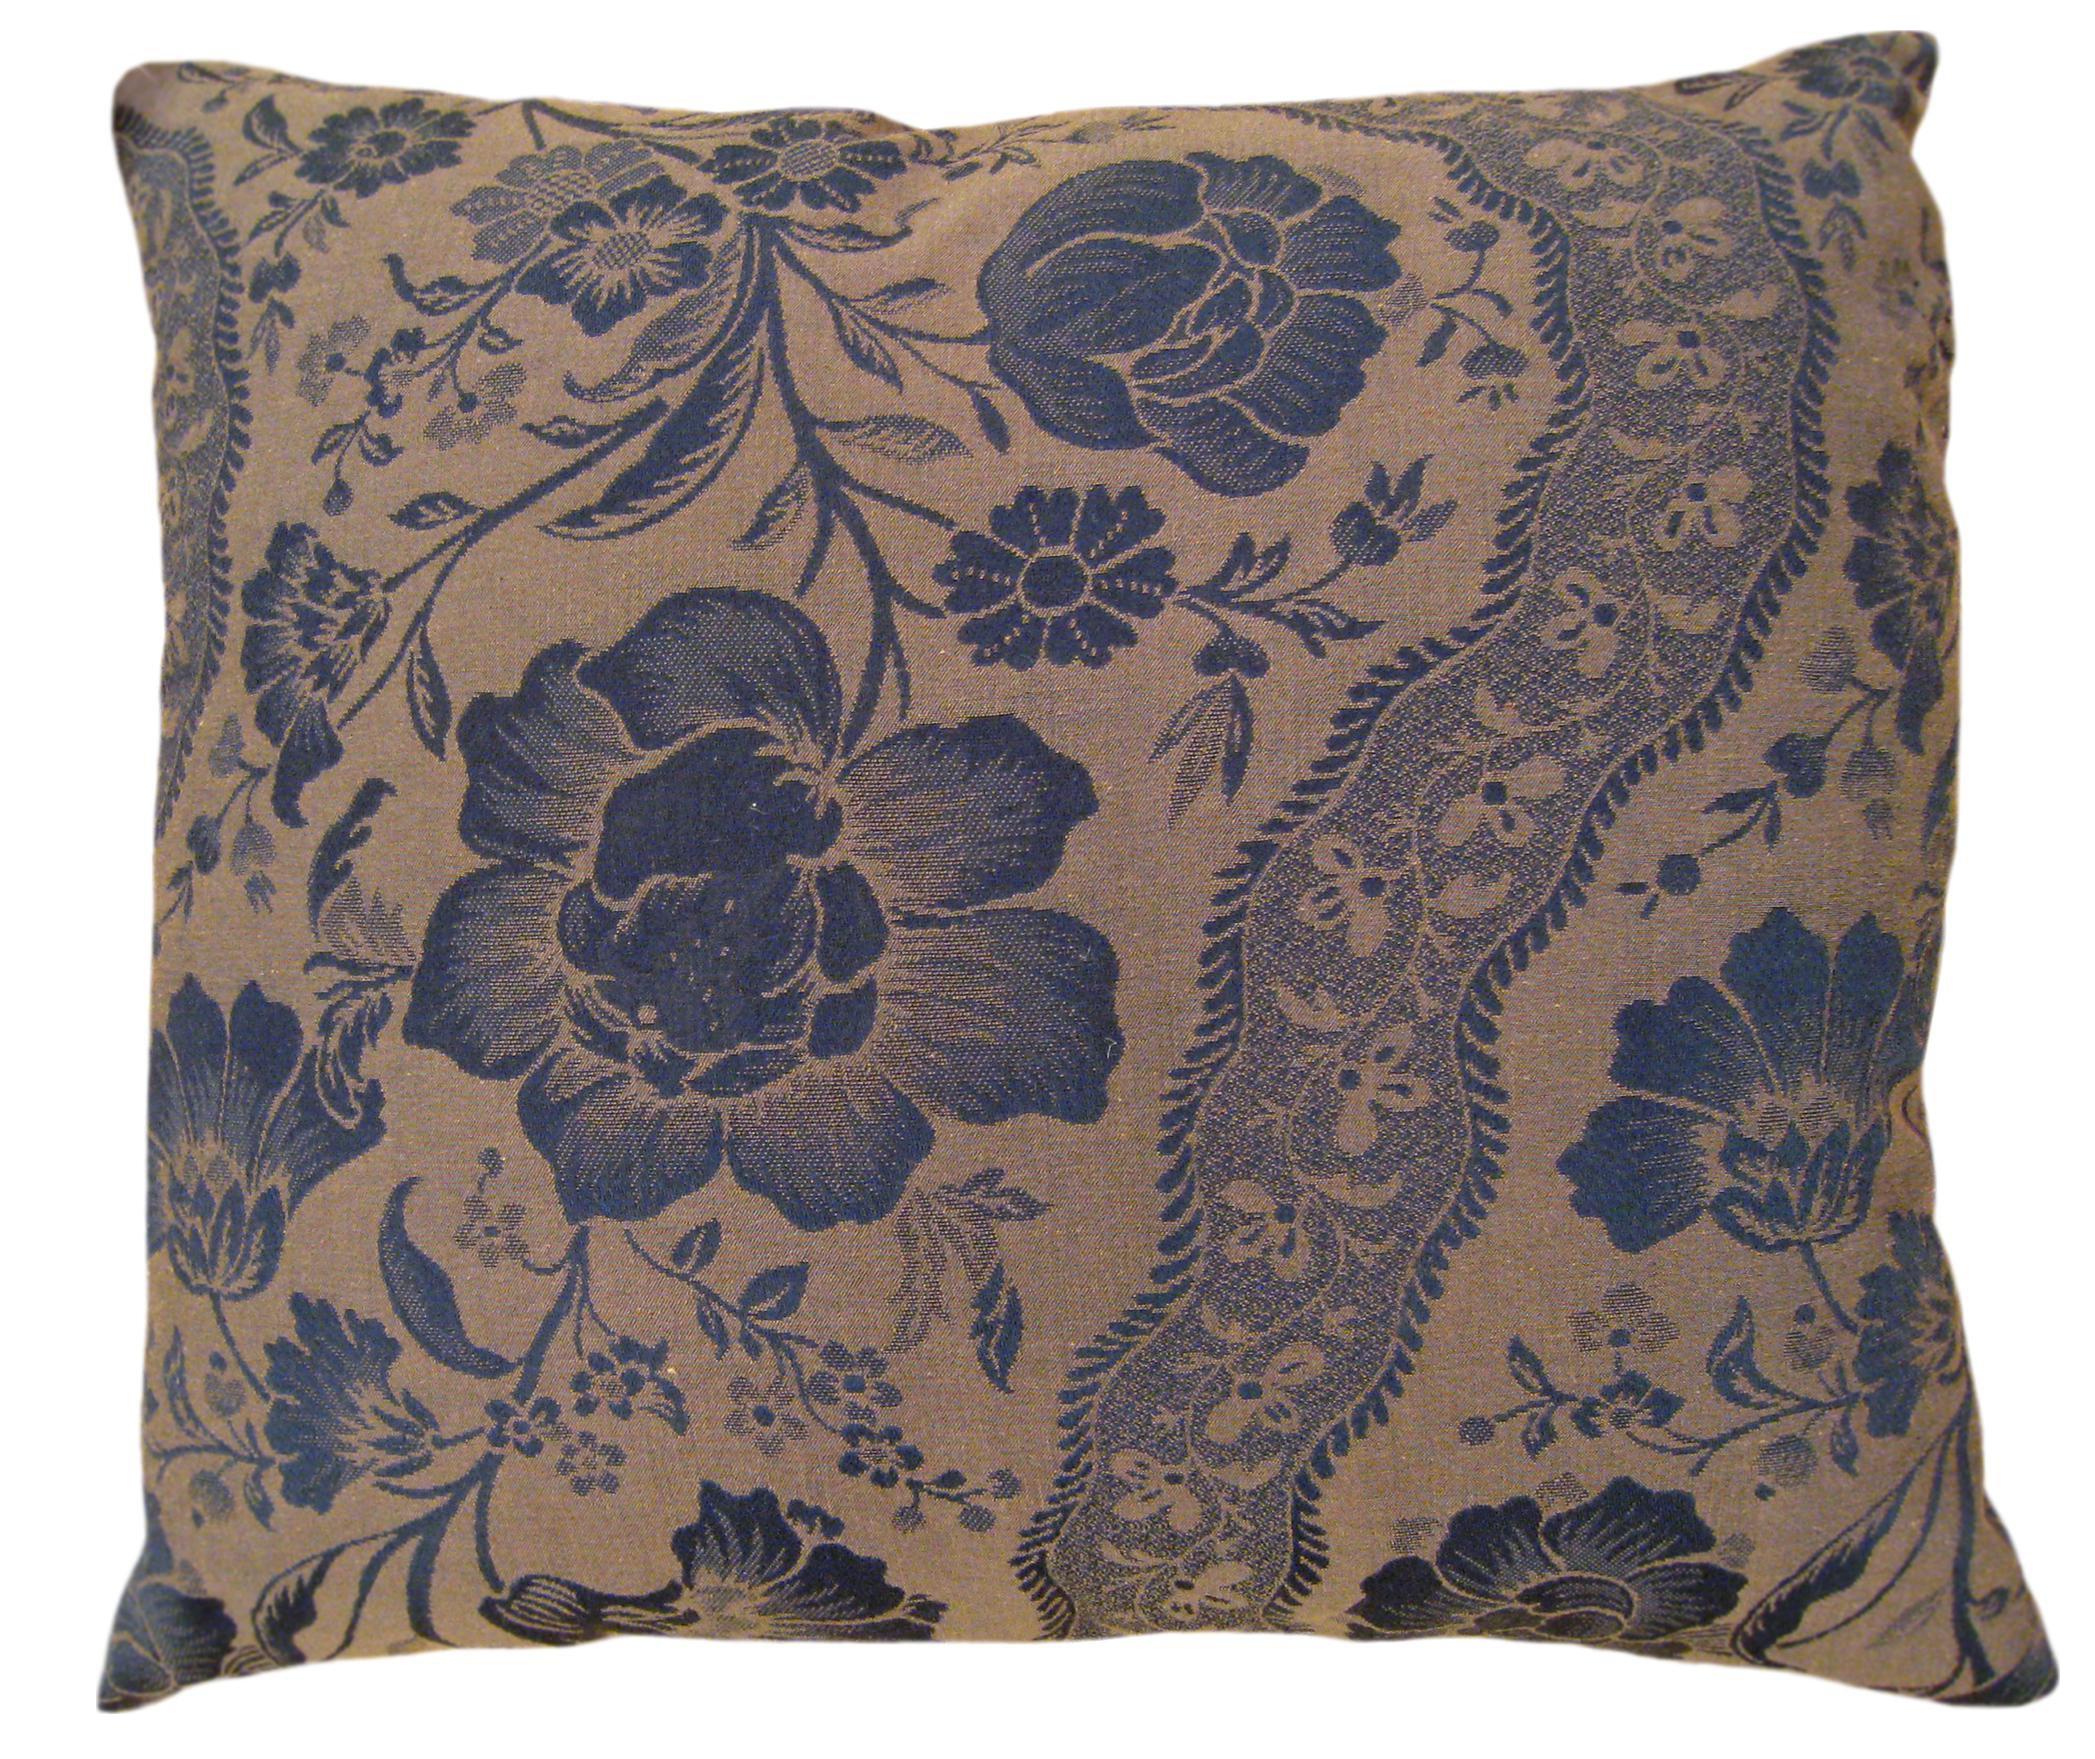 1950s Vintage Floral Decorative Pillow Chairish